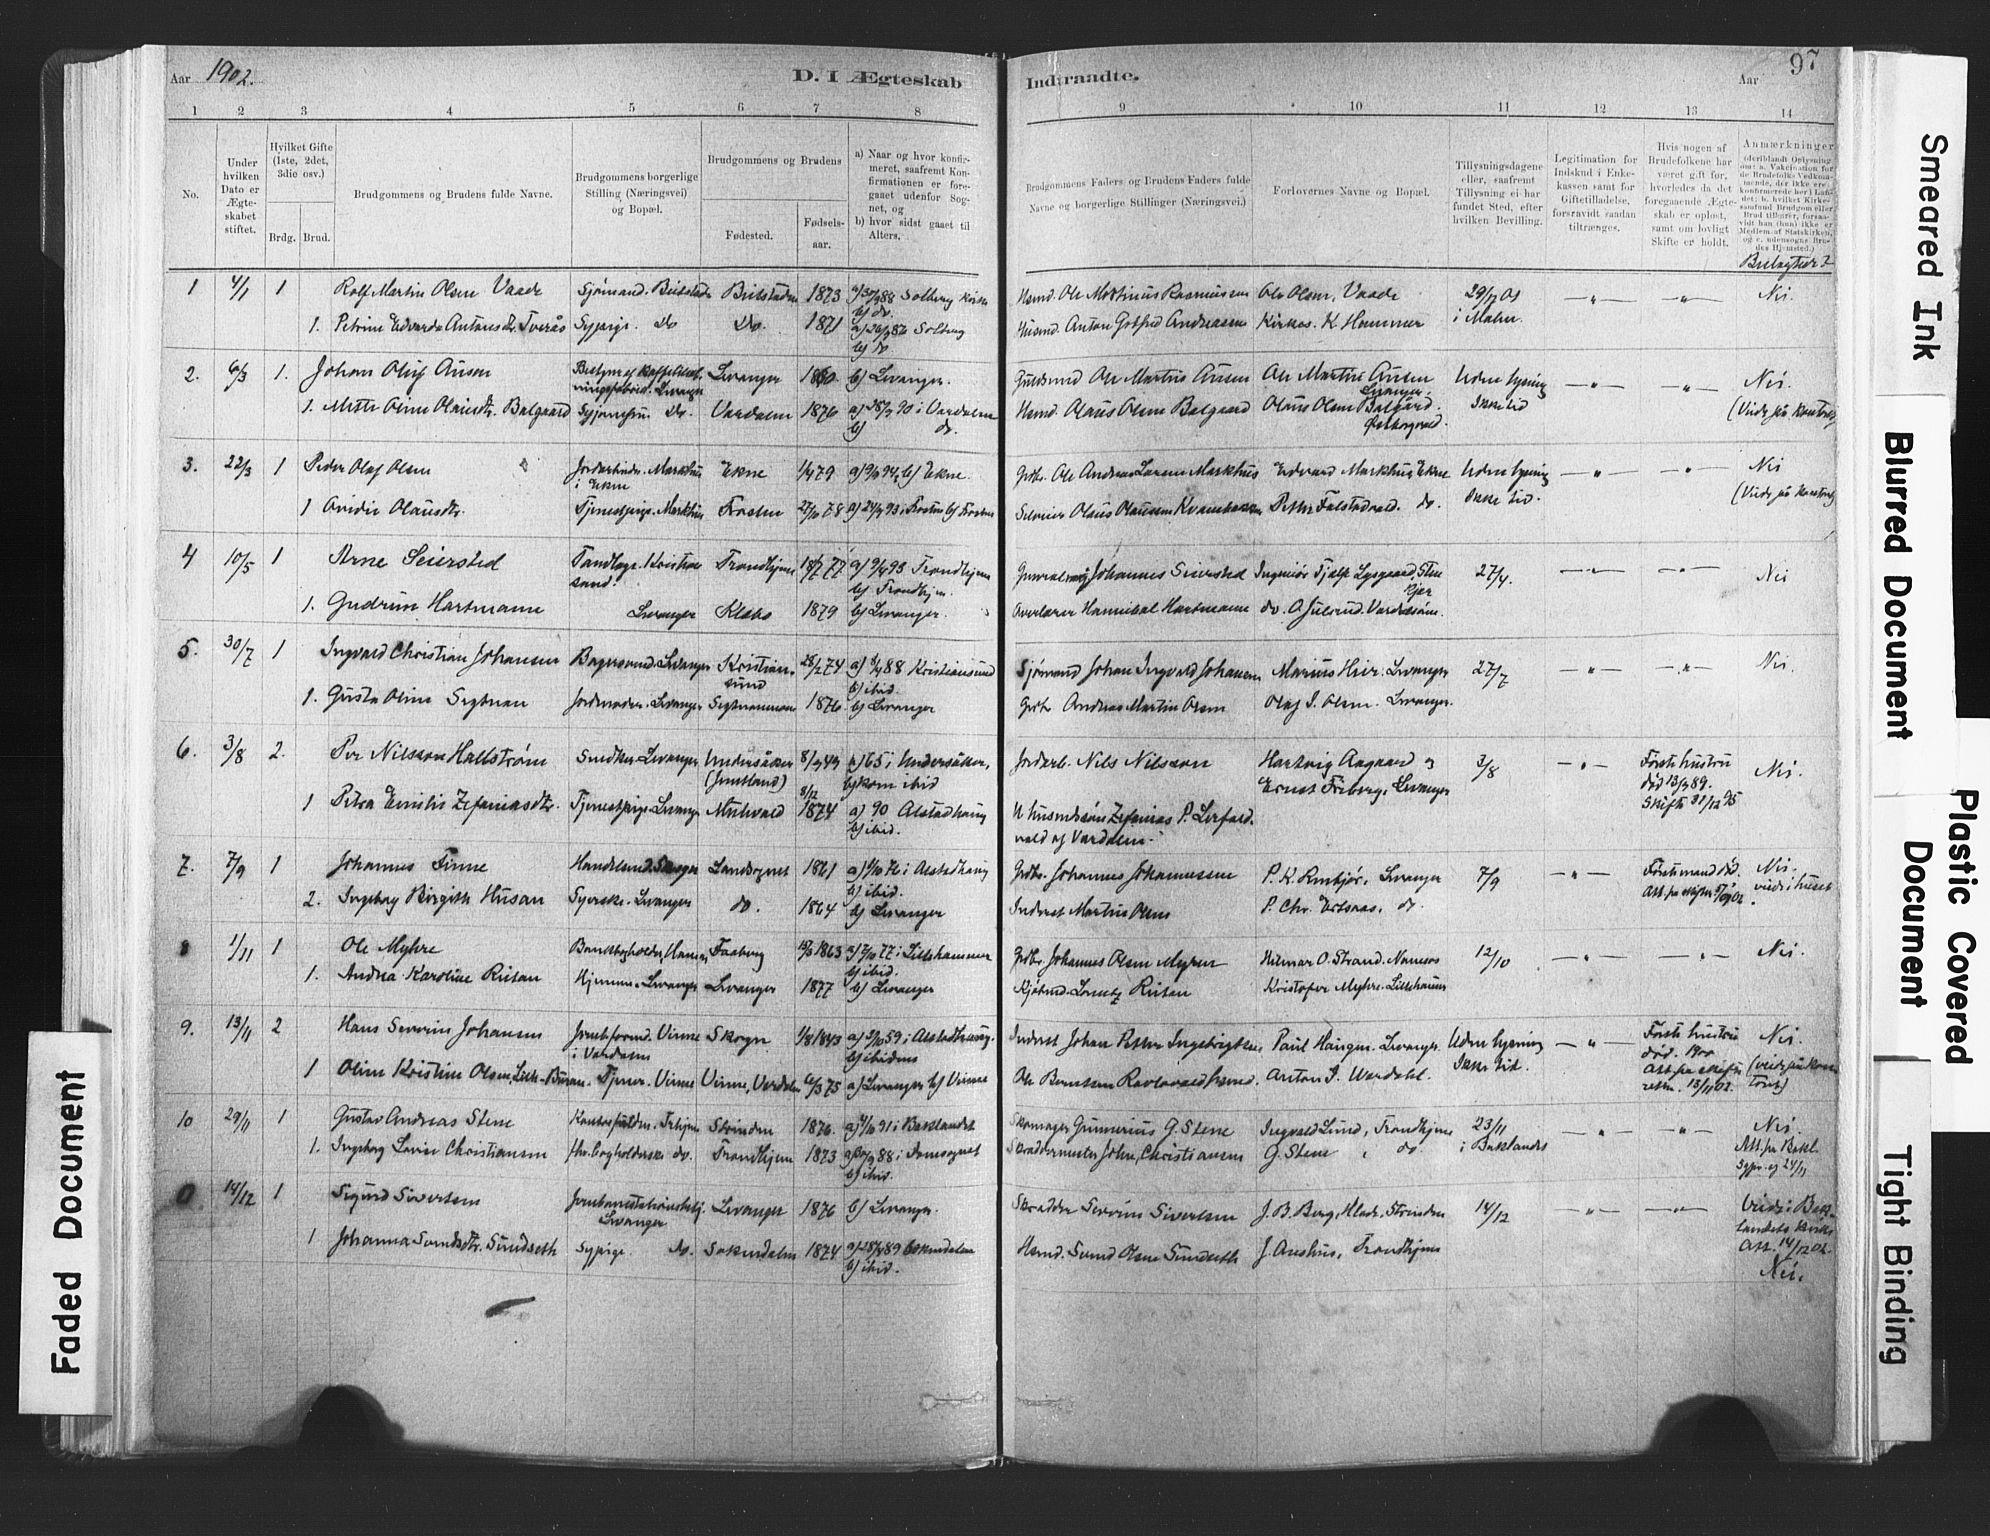 SAT, Ministerialprotokoller, klokkerbøker og fødselsregistre - Nord-Trøndelag, 720/L0189: Ministerialbok nr. 720A05, 1880-1911, s. 97